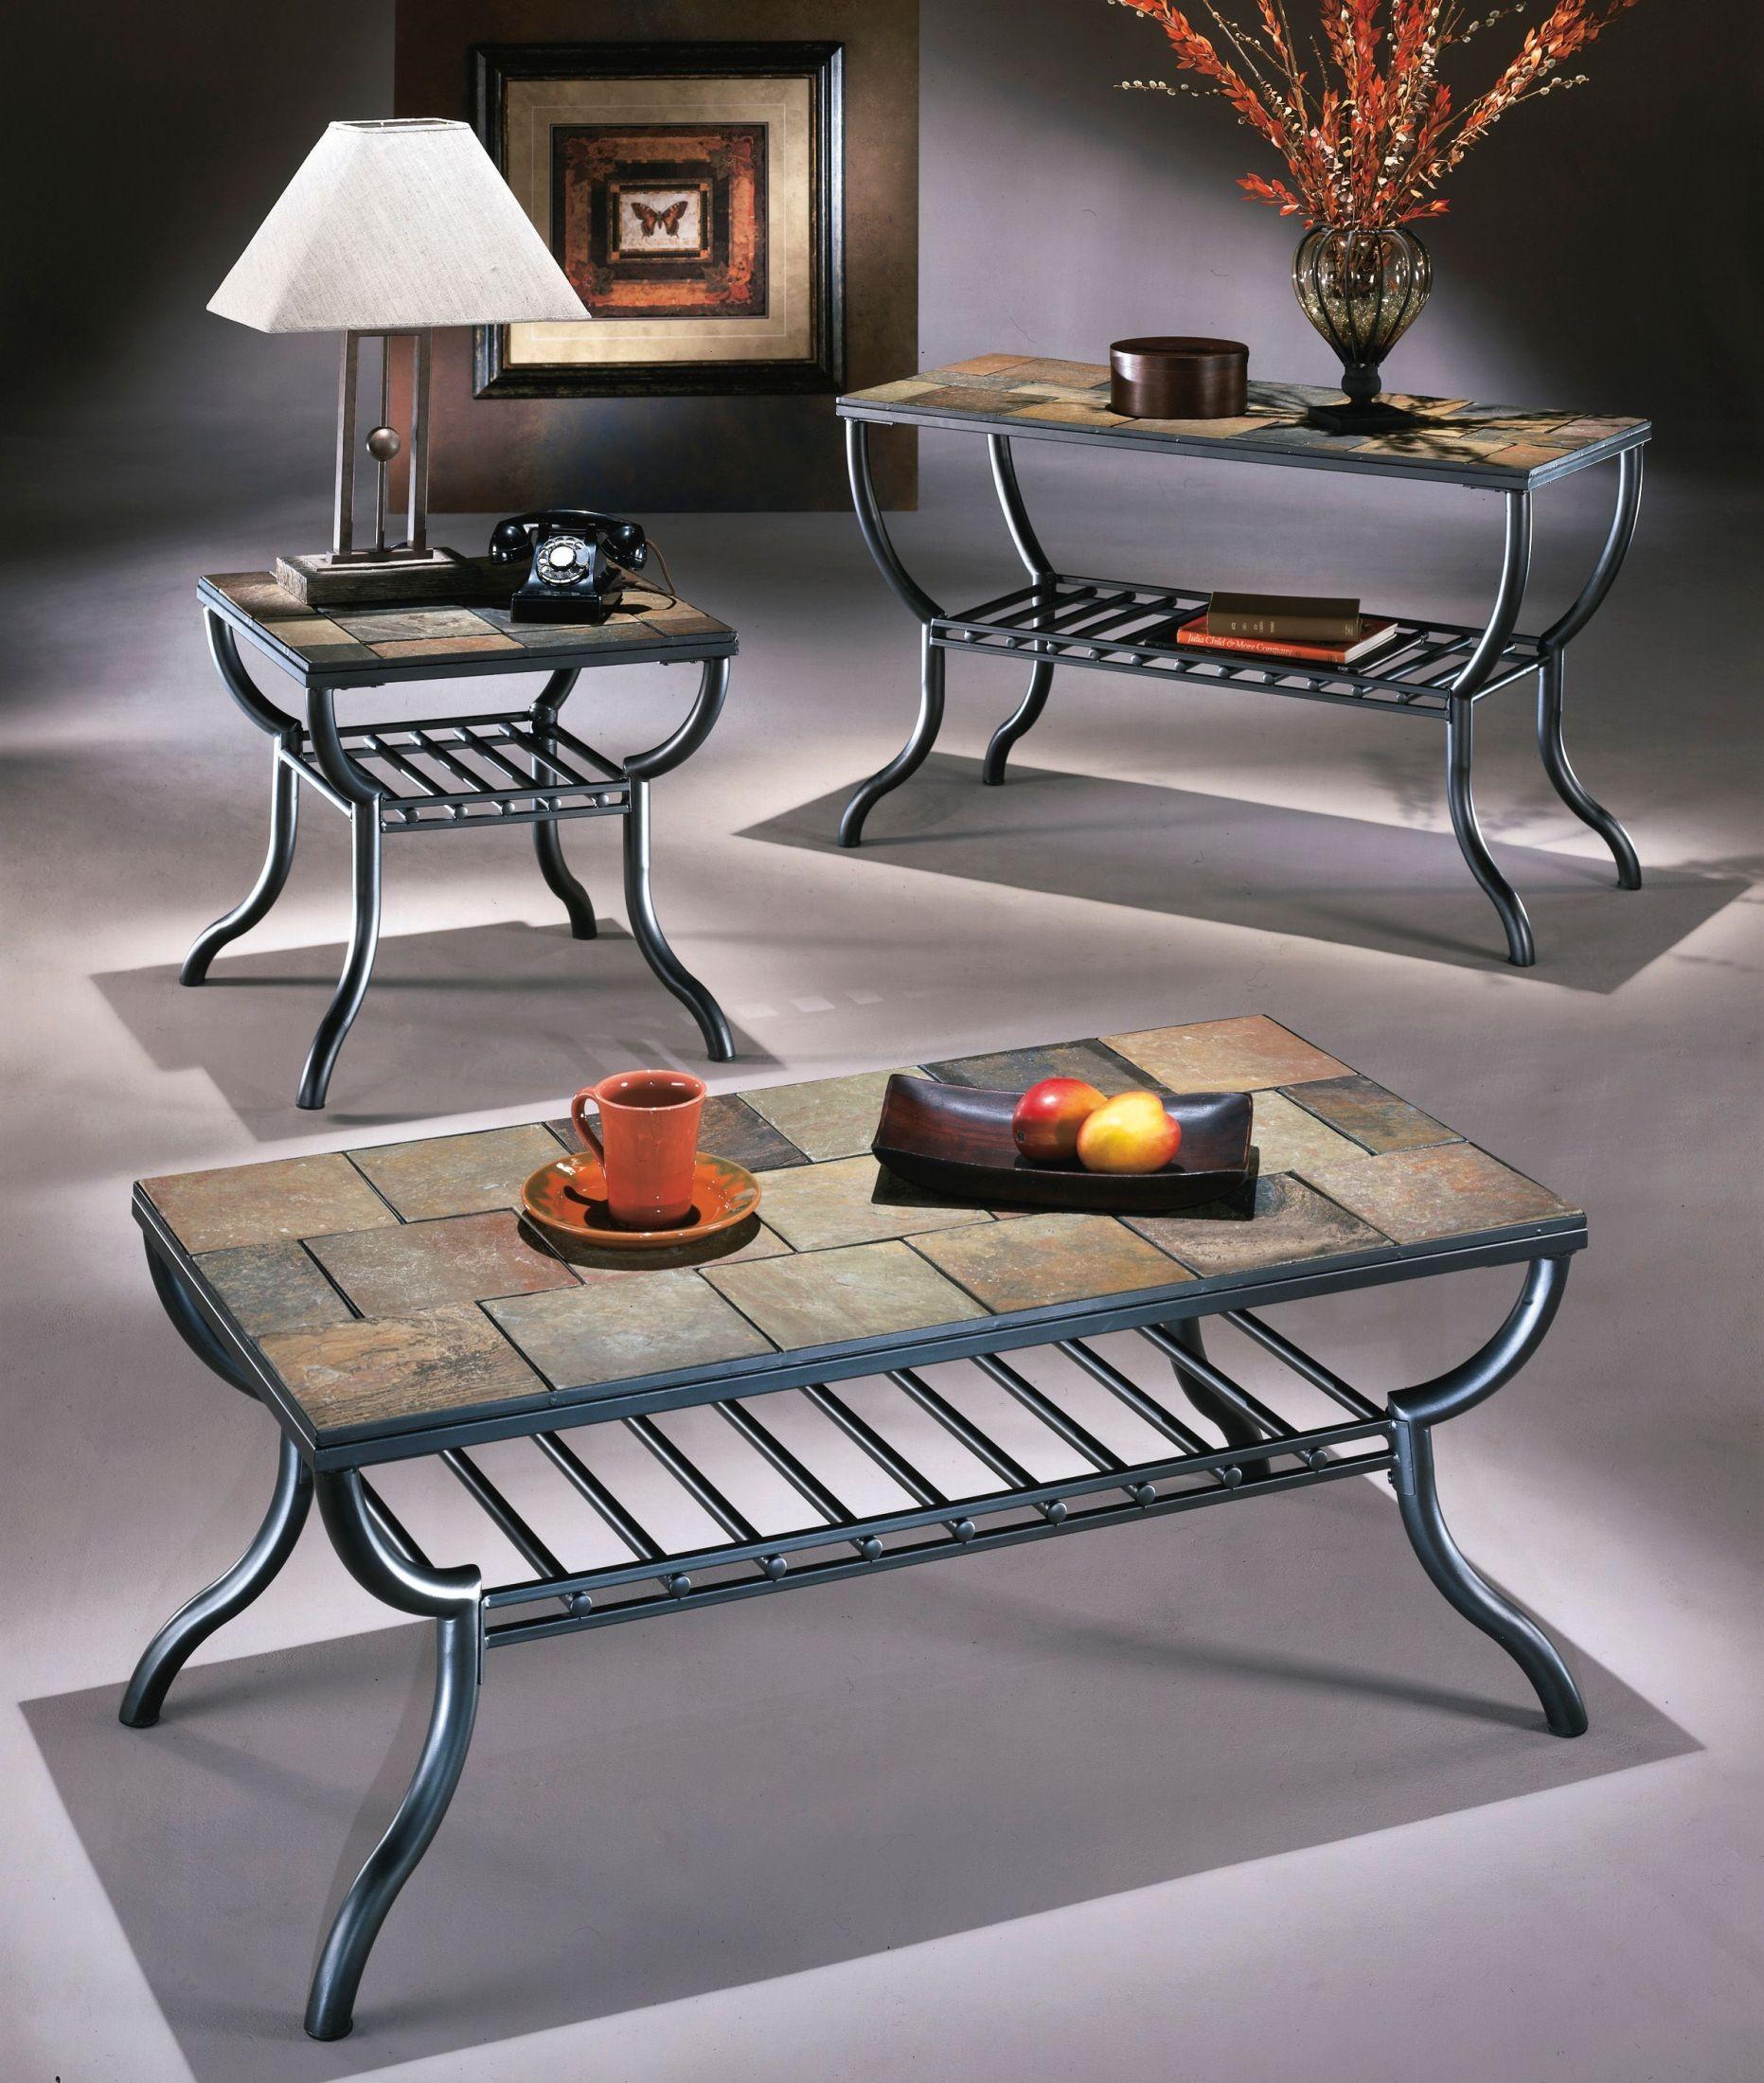 Antigo Sofa Table: Antigo Sofa Table From Ashley (T233-4)